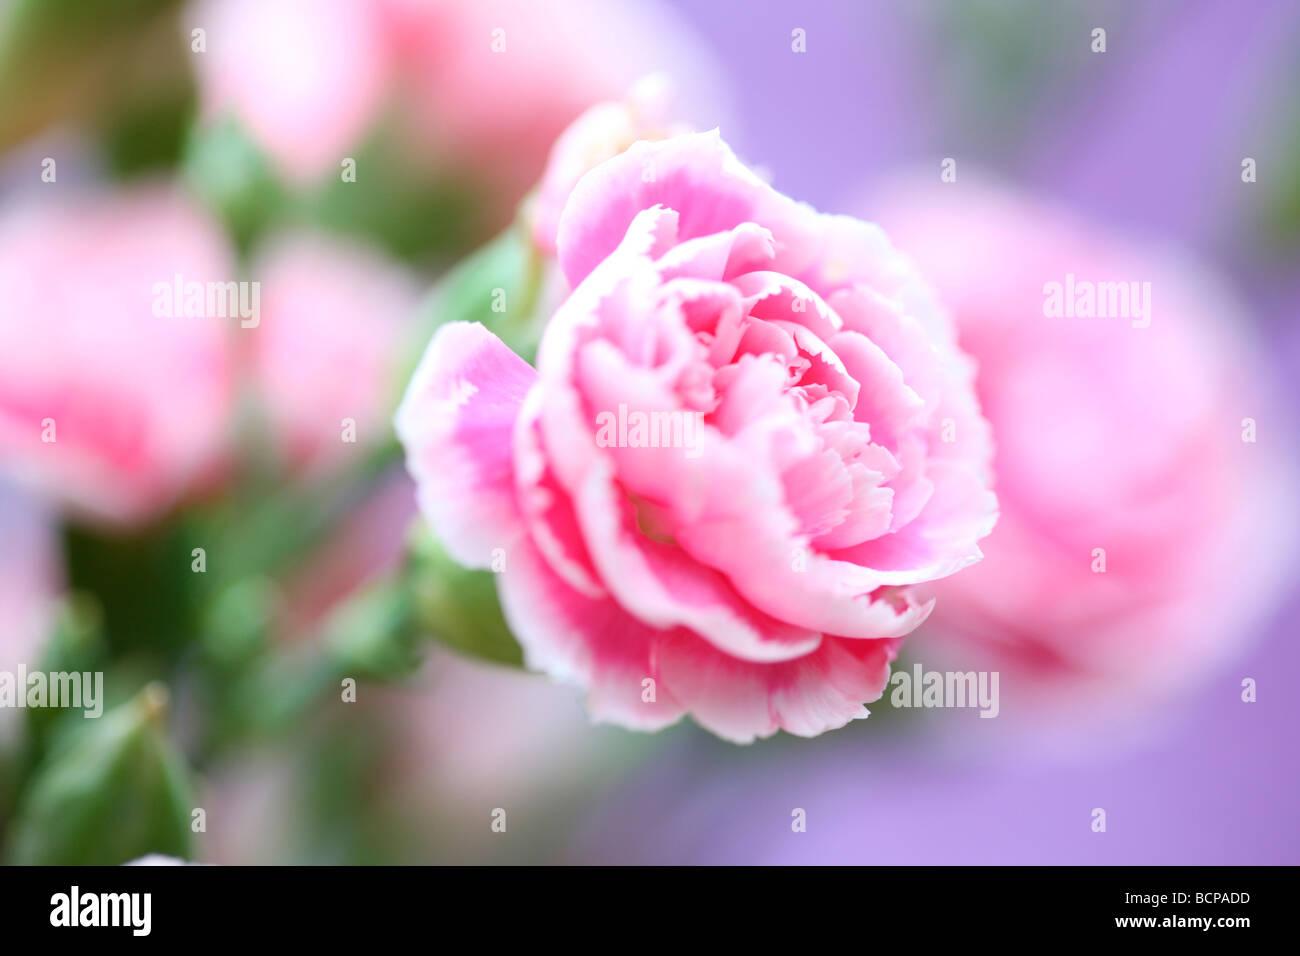 Des œillets rose sur un fond mauve fine art photography Photographie Jane Ann Butler JABP362 Photo Stock